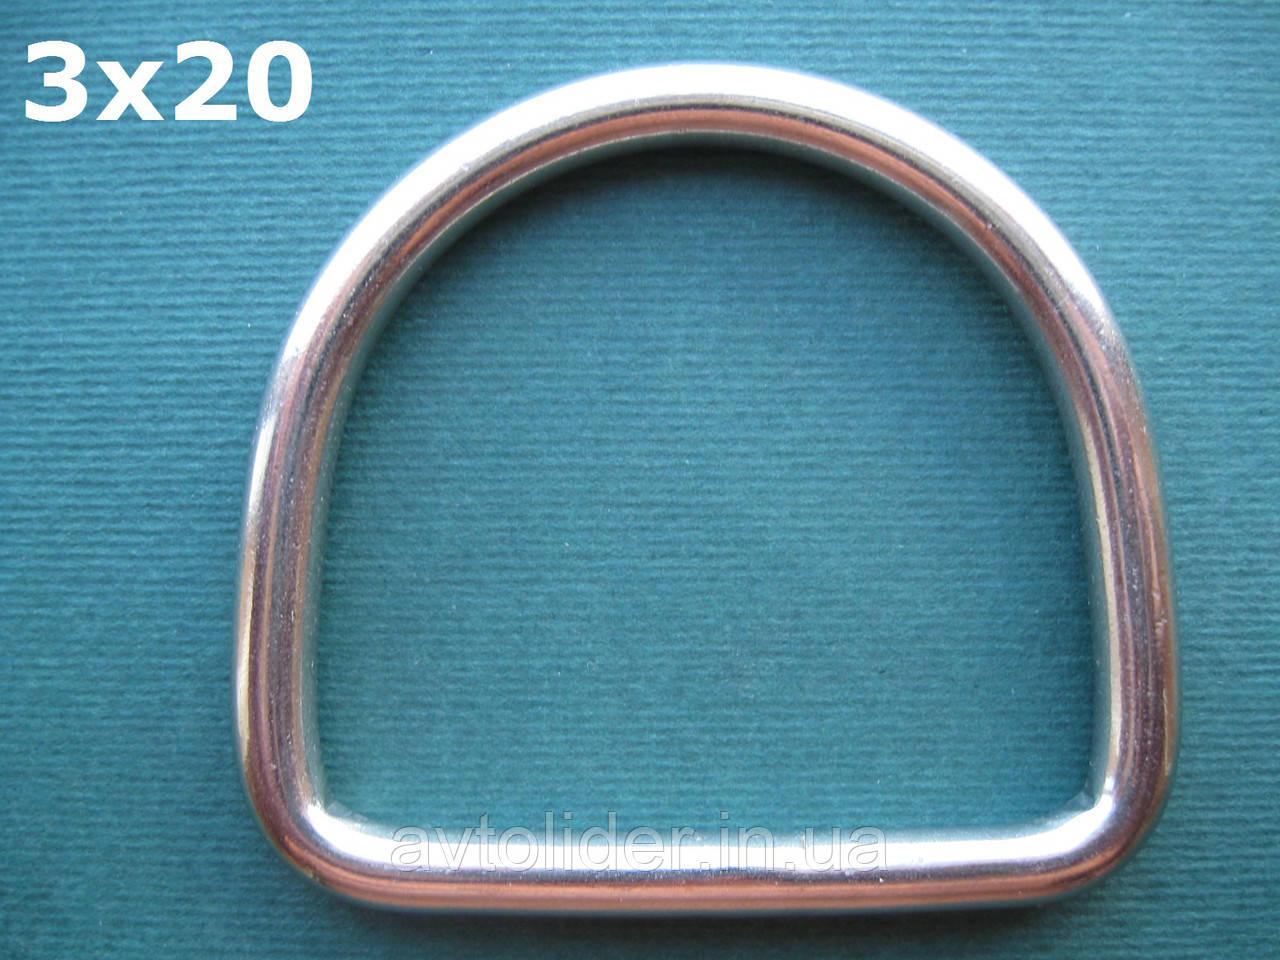 Нержавеющее кольцо D-образное, 3х20 мм